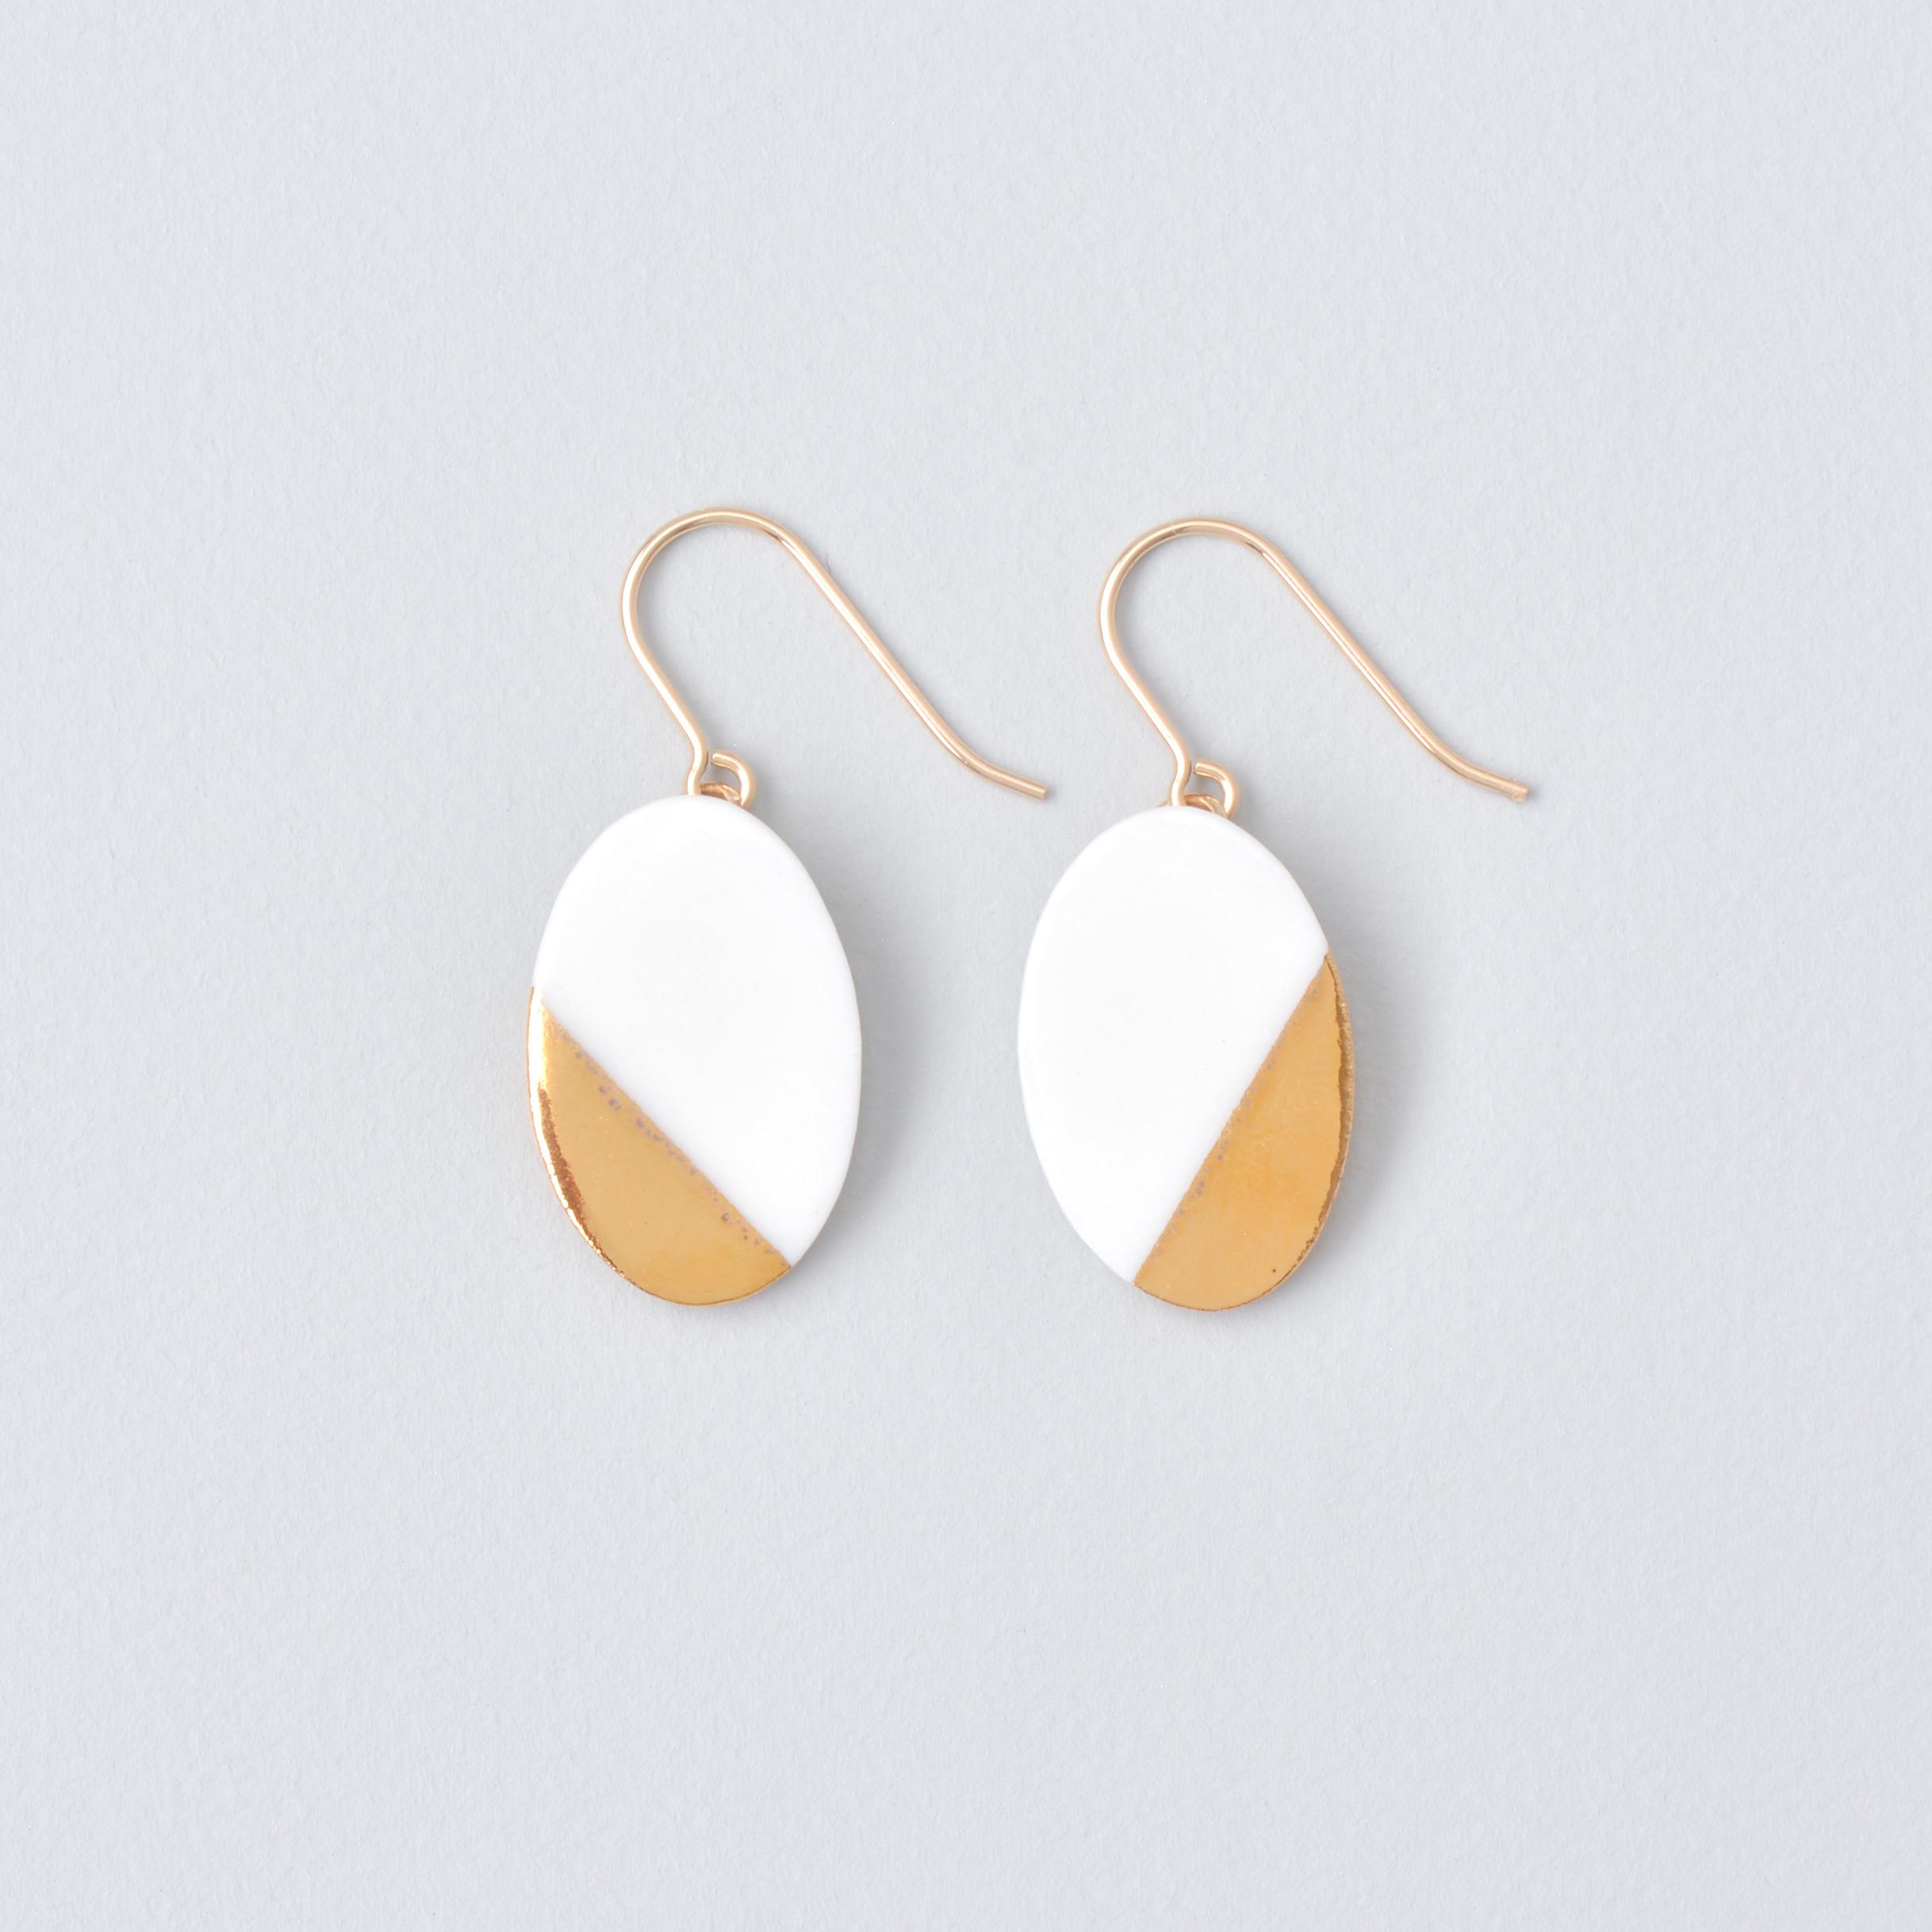 白磁金彩ピアス- オーバルプレート・ブライトゴールド